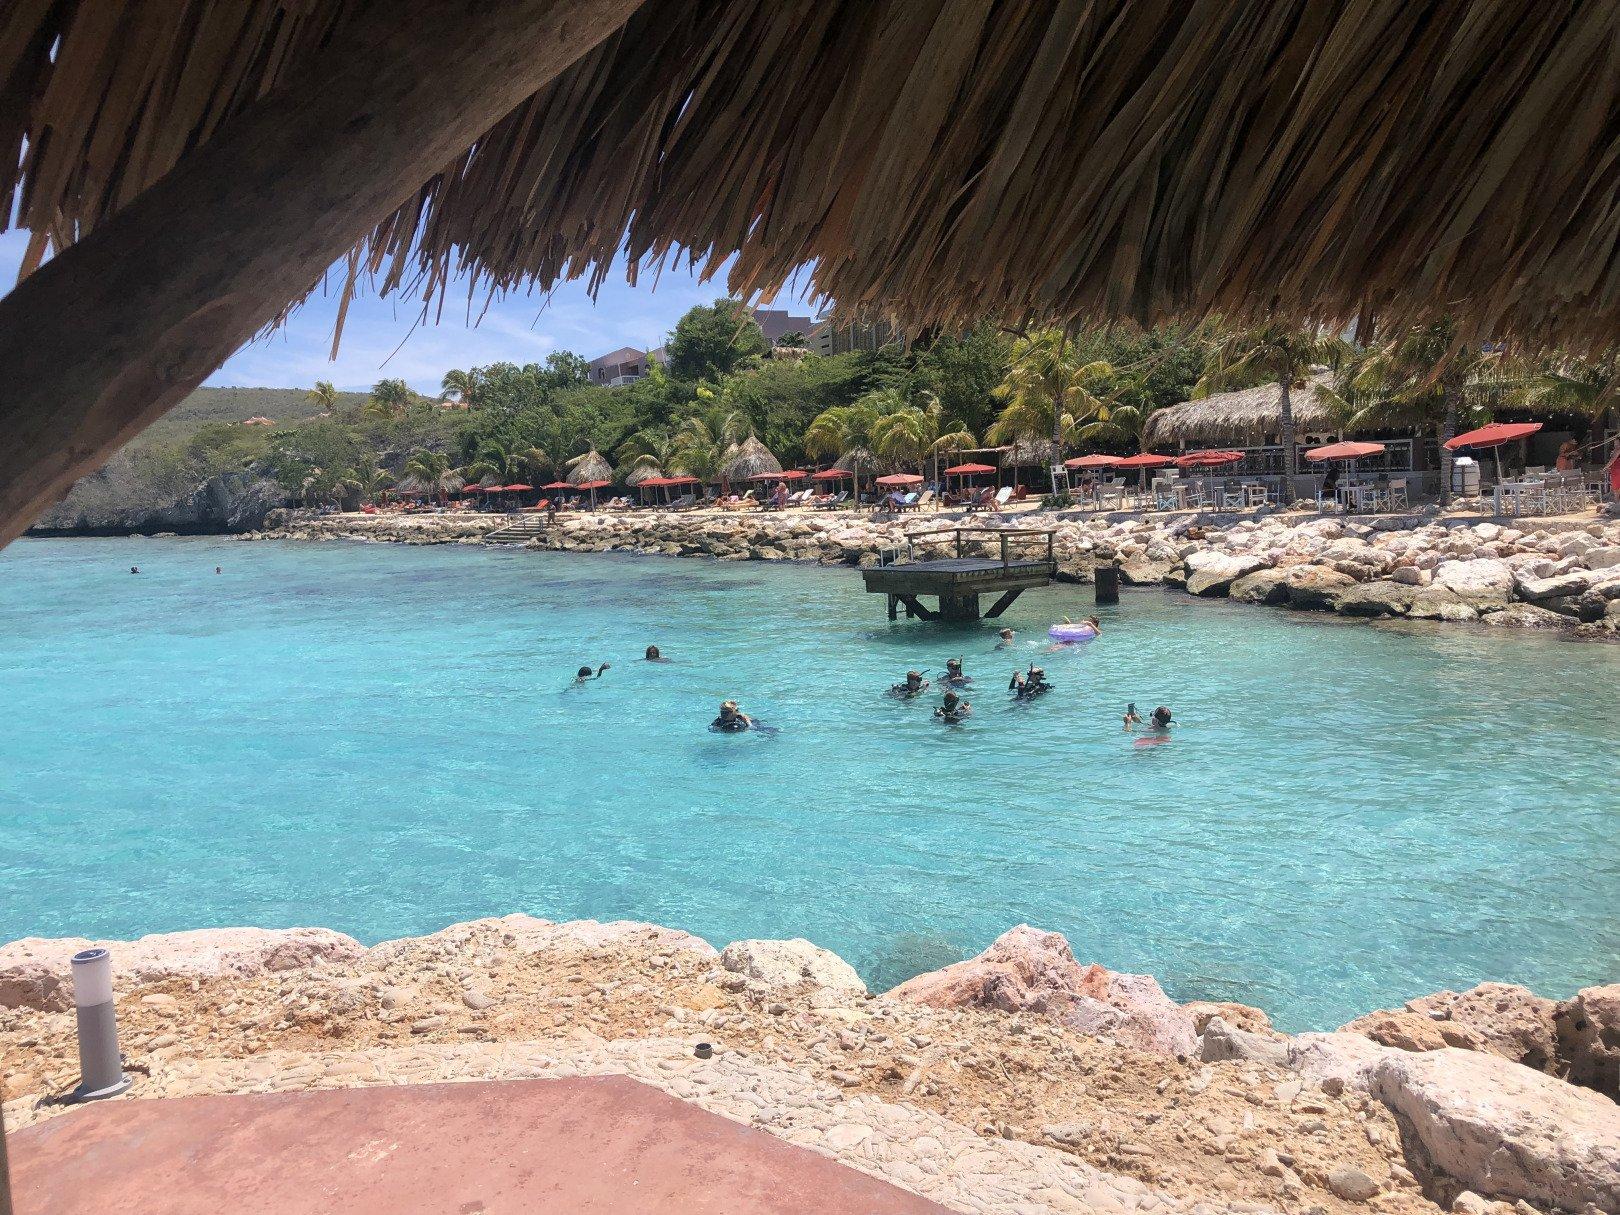 Karaktervanuitzee - Curacao: de 9 leukste plekjes om een drankje te drinken op het eiland